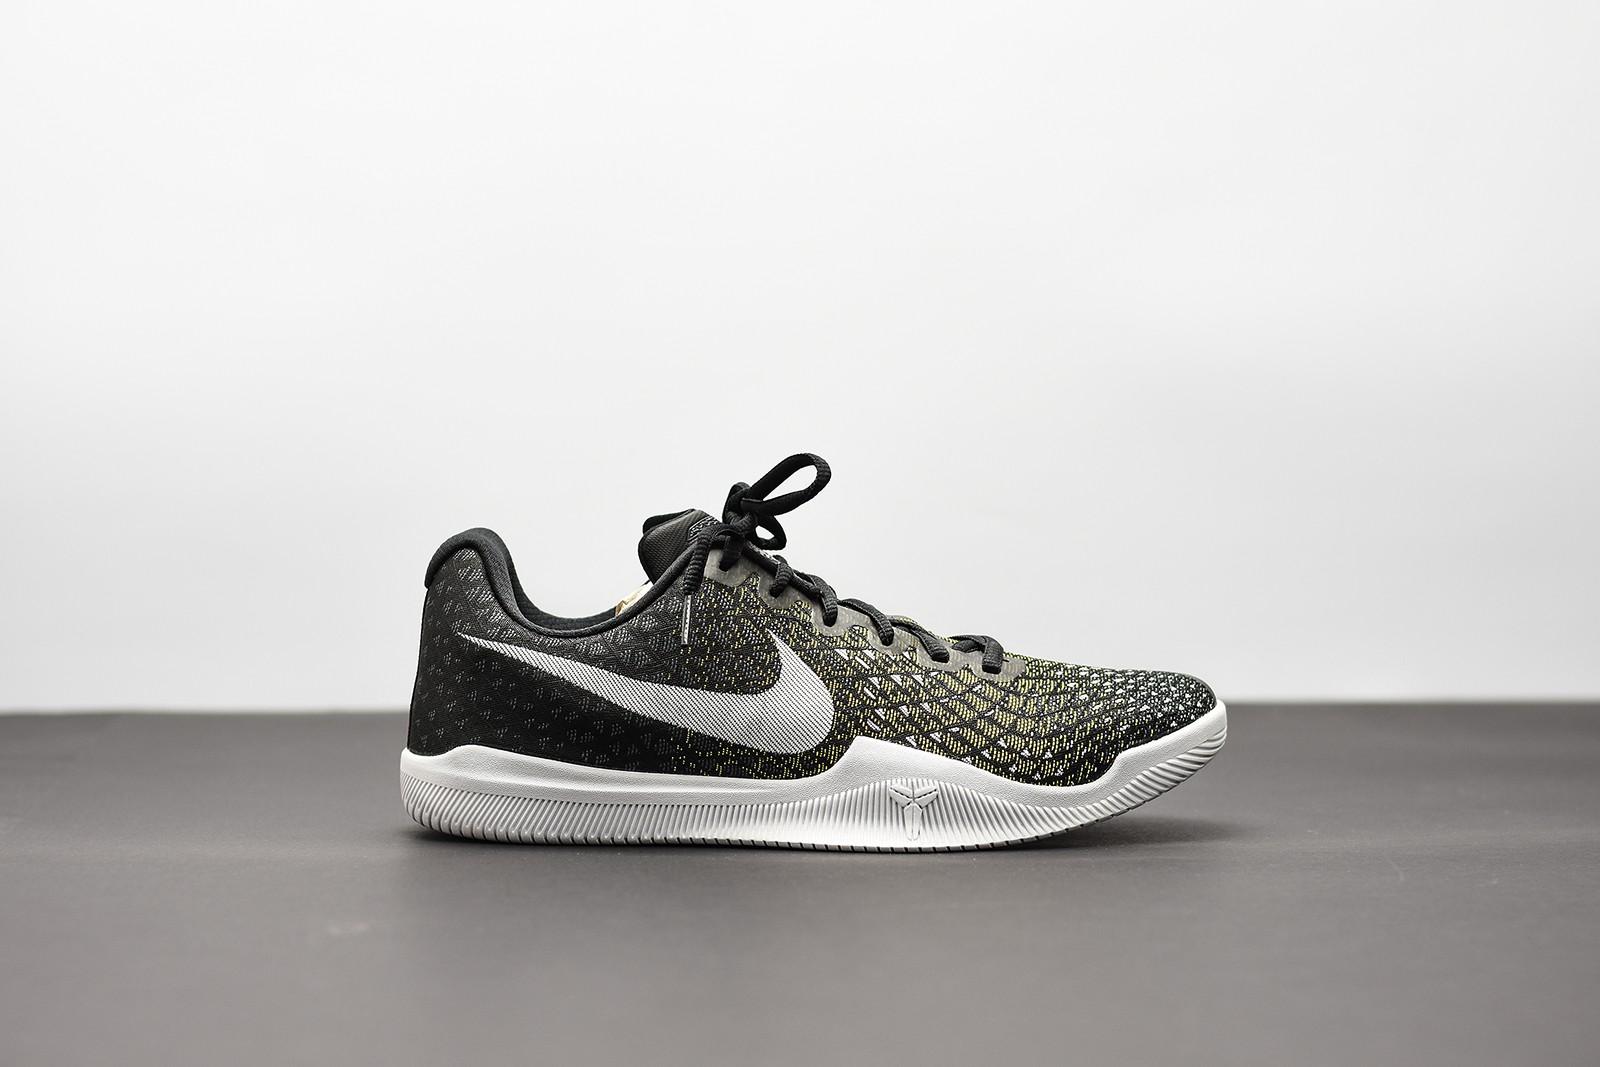 8fa42e280ee Pánské basketbalové boty Nike MAMBA INSTINCT